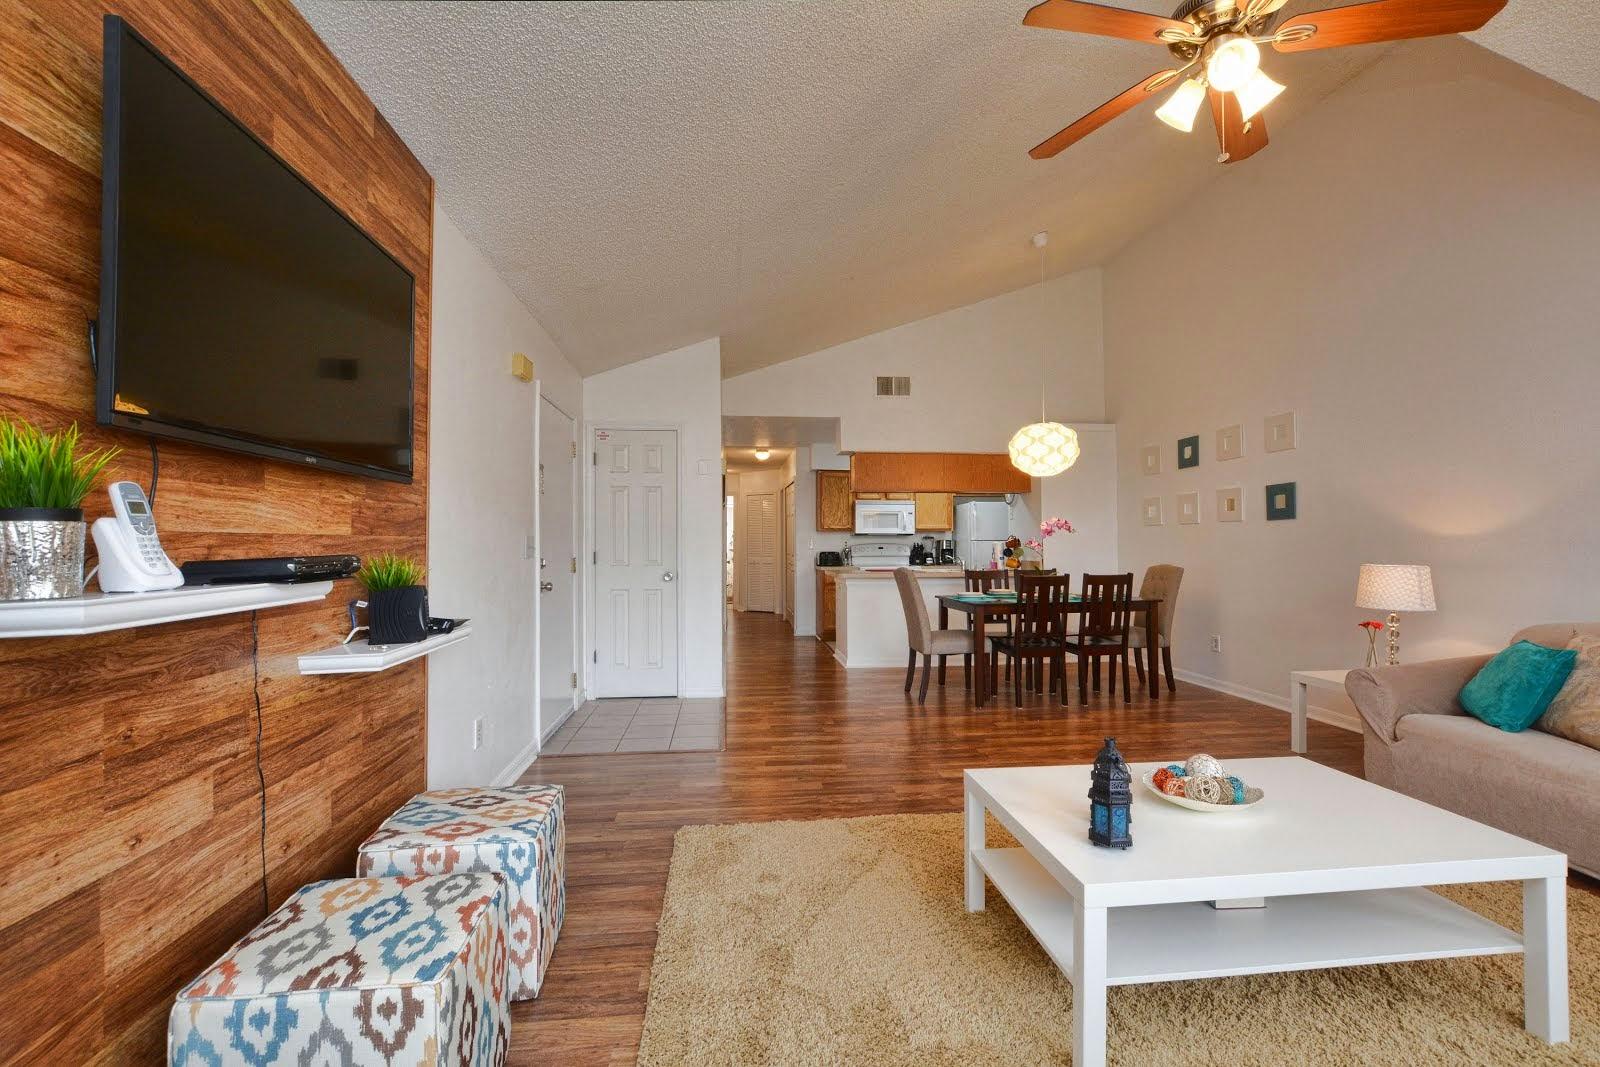 Casa geminada 3 quartos no condomínio Sunset Lake